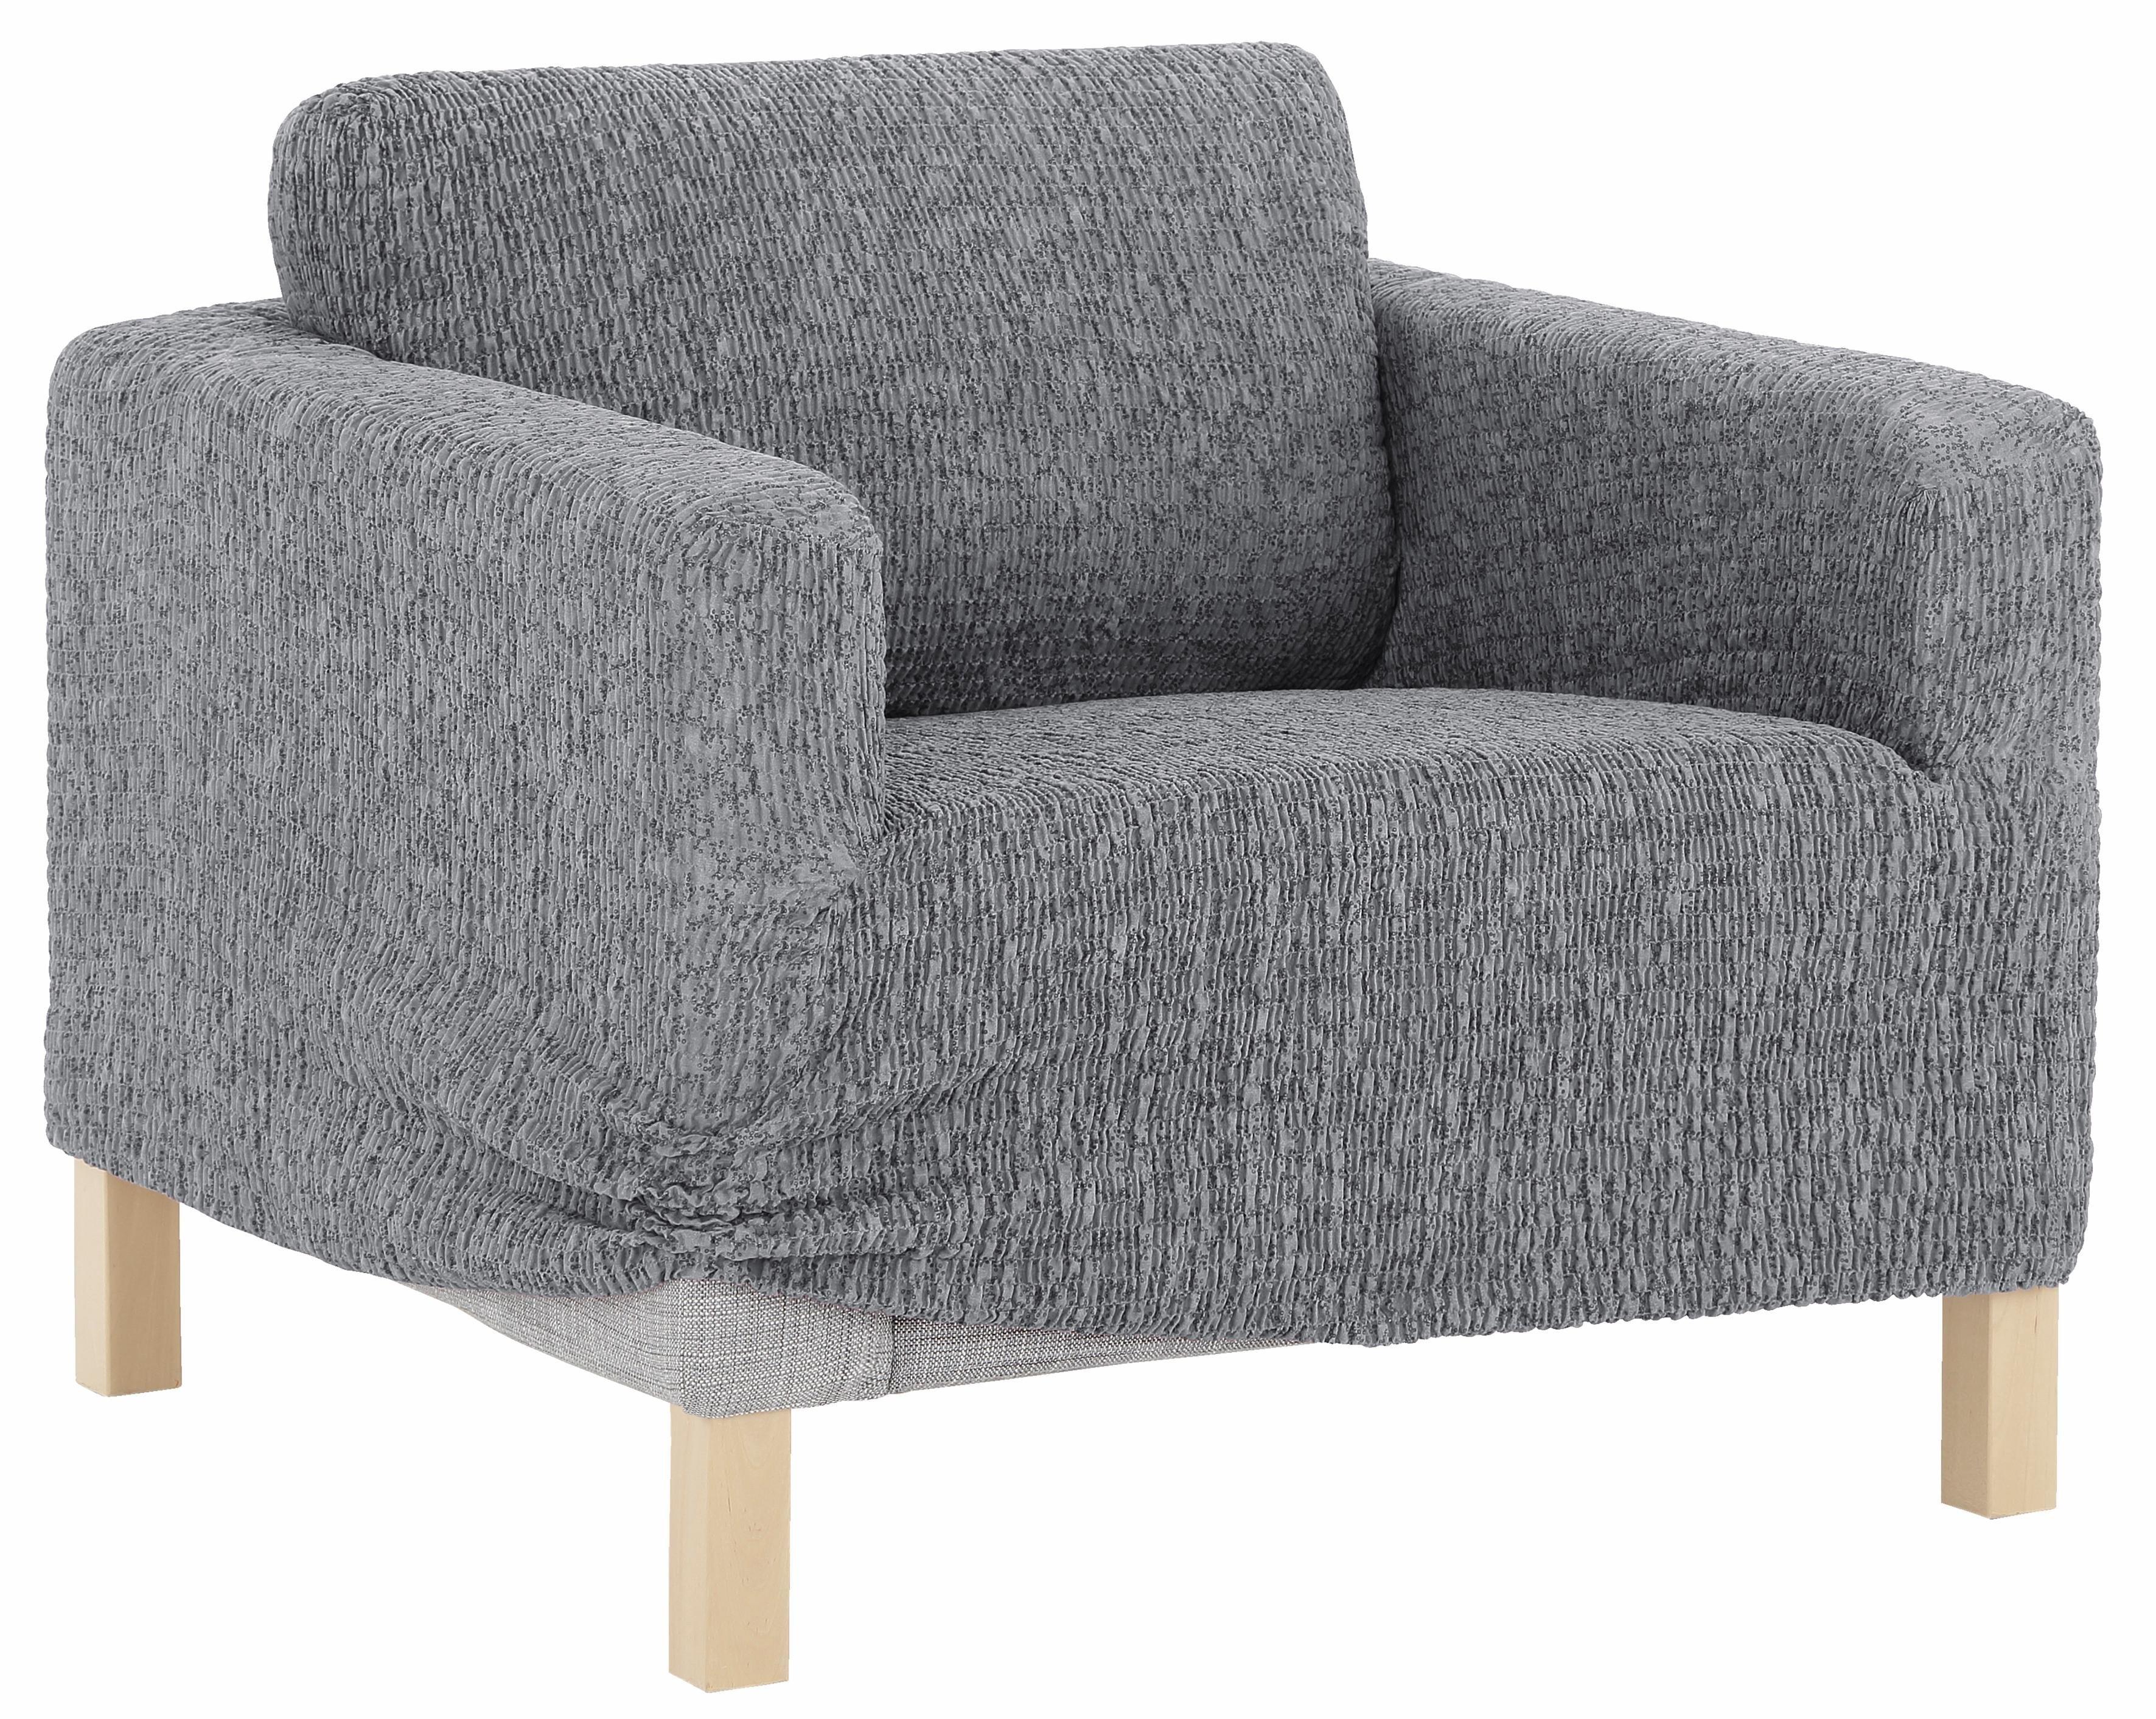 meubelhoes kopen maak je keuze in onze online shop otto